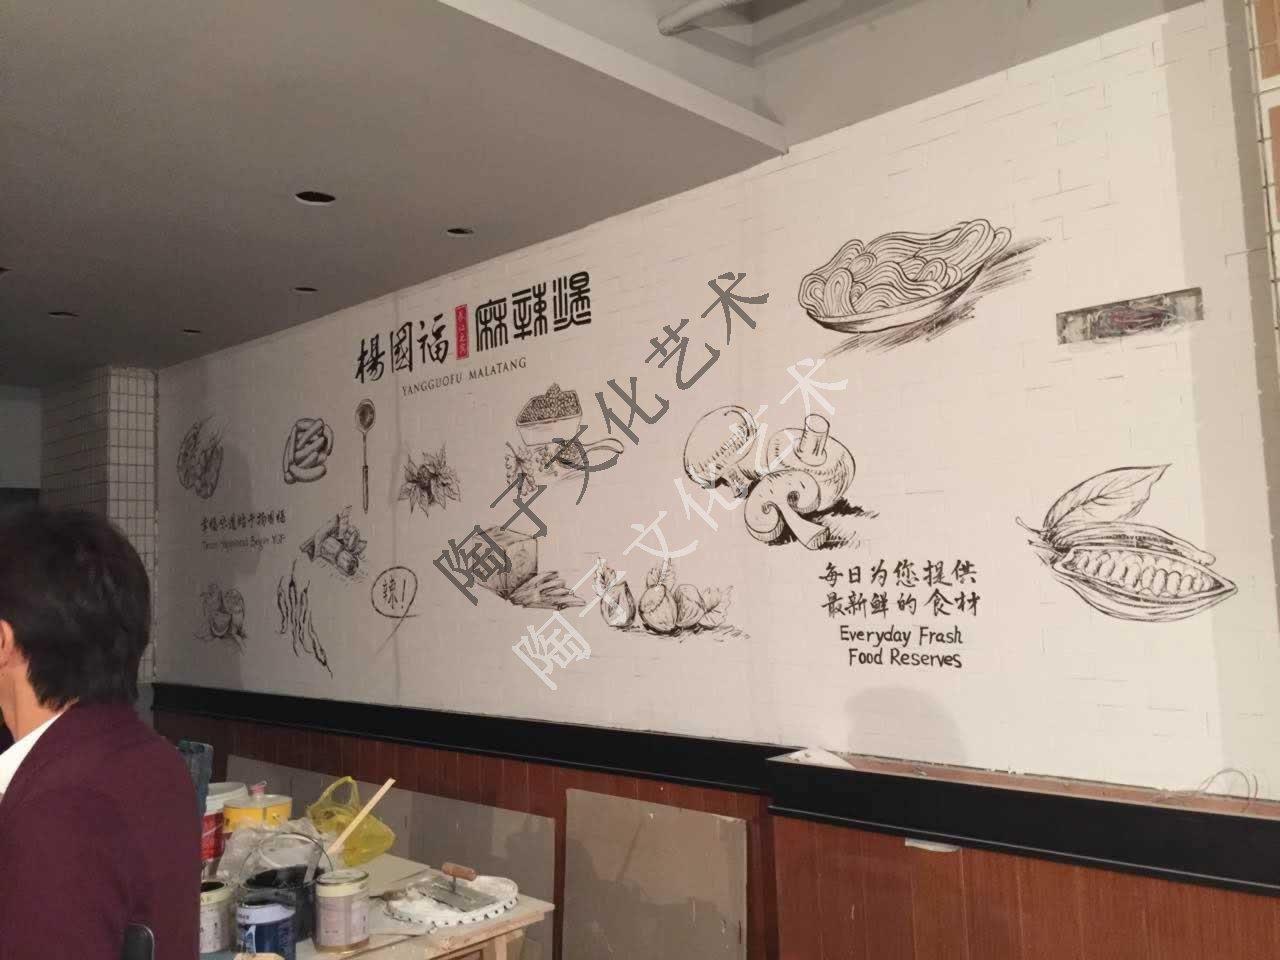 麻辣烫墙面涂鸦_墙绘_北京墙绘_3d立体画_壁画_涂鸦墙